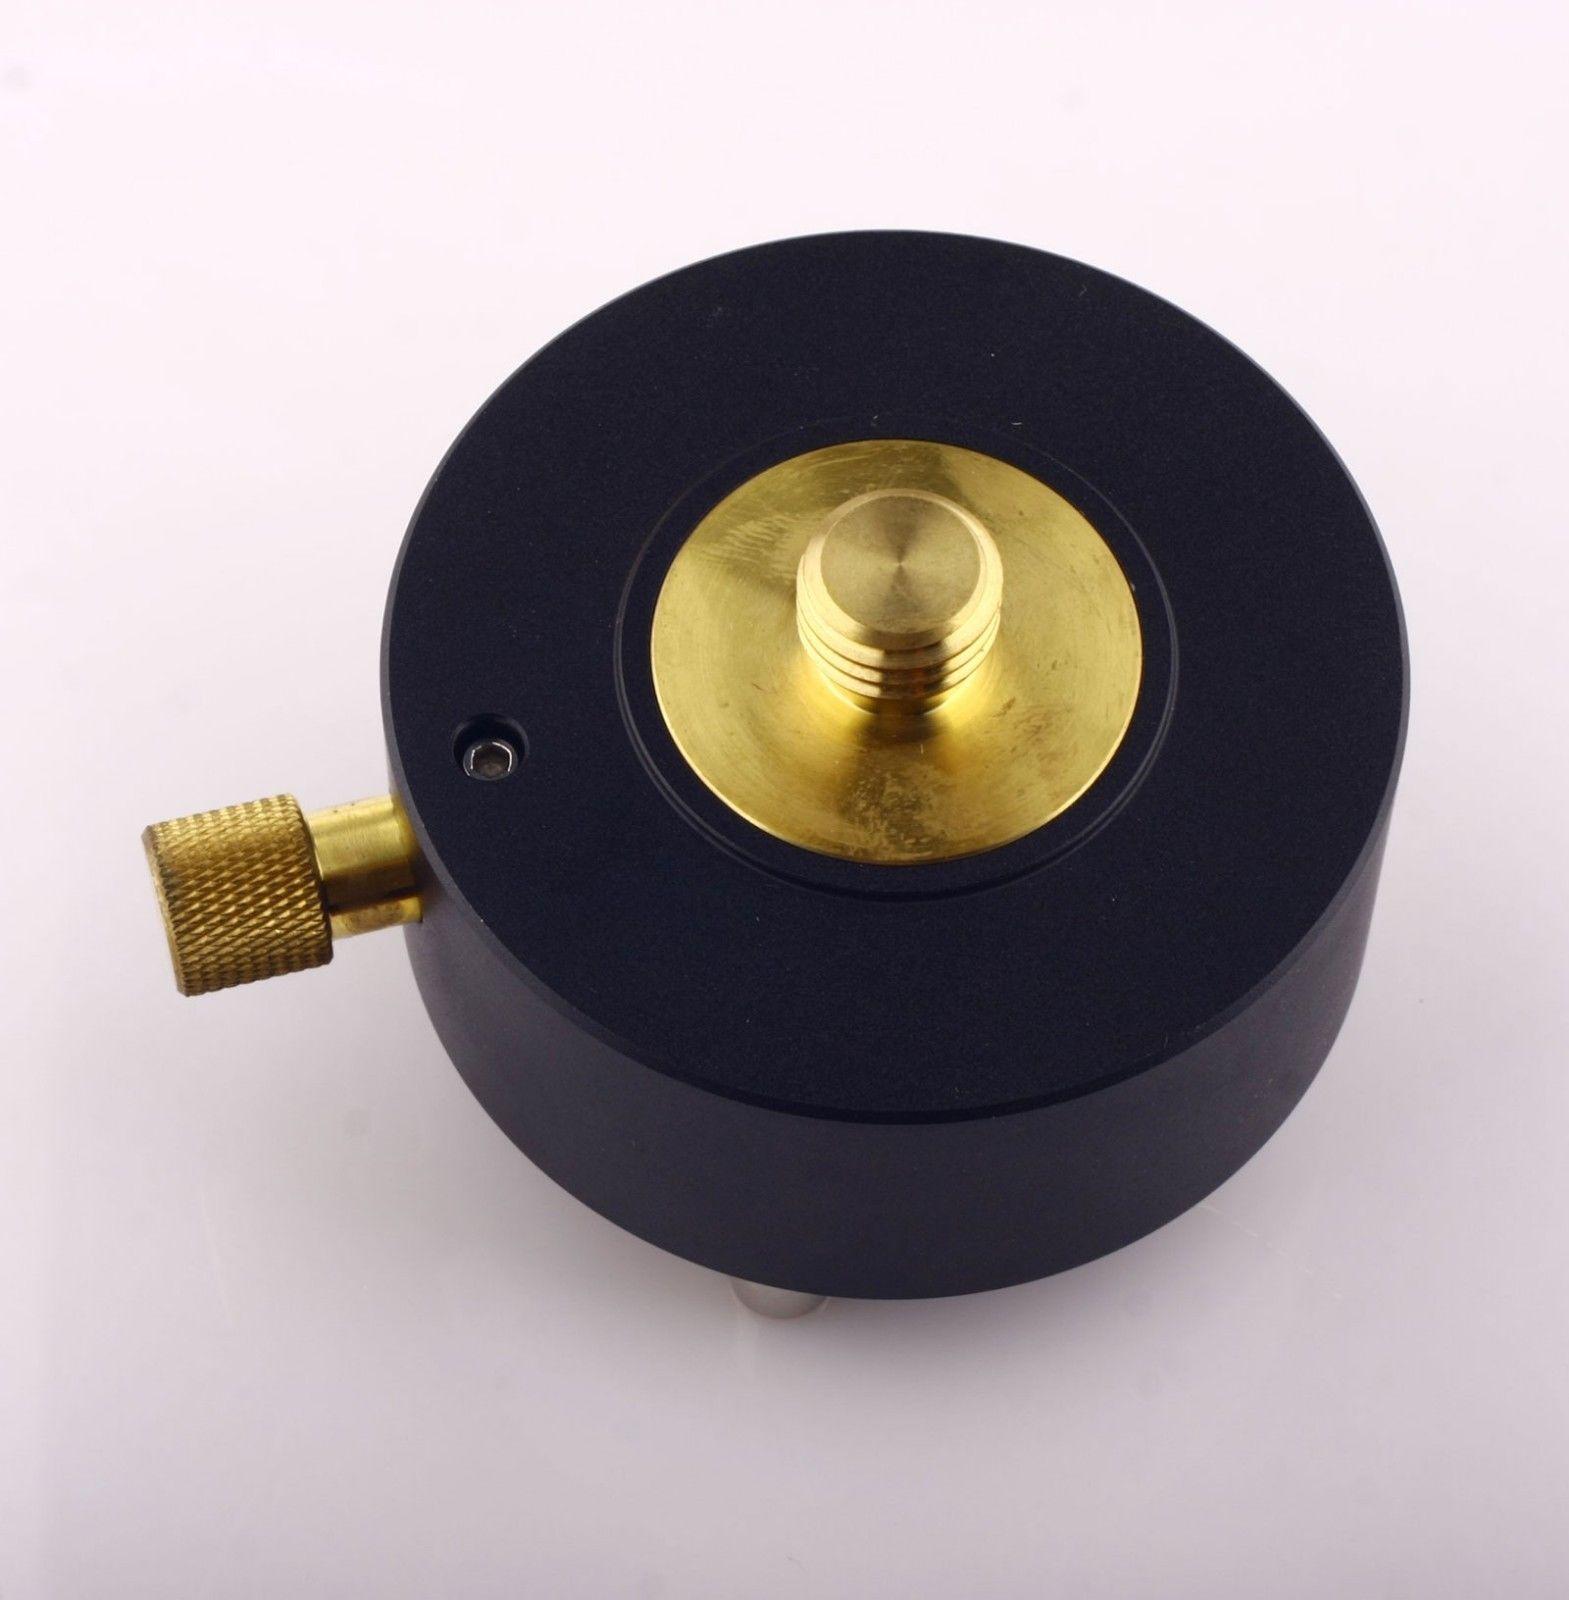 Вращающийся трехкулачковый трибрачный адаптер со съемным центром для геодезической призмы gps